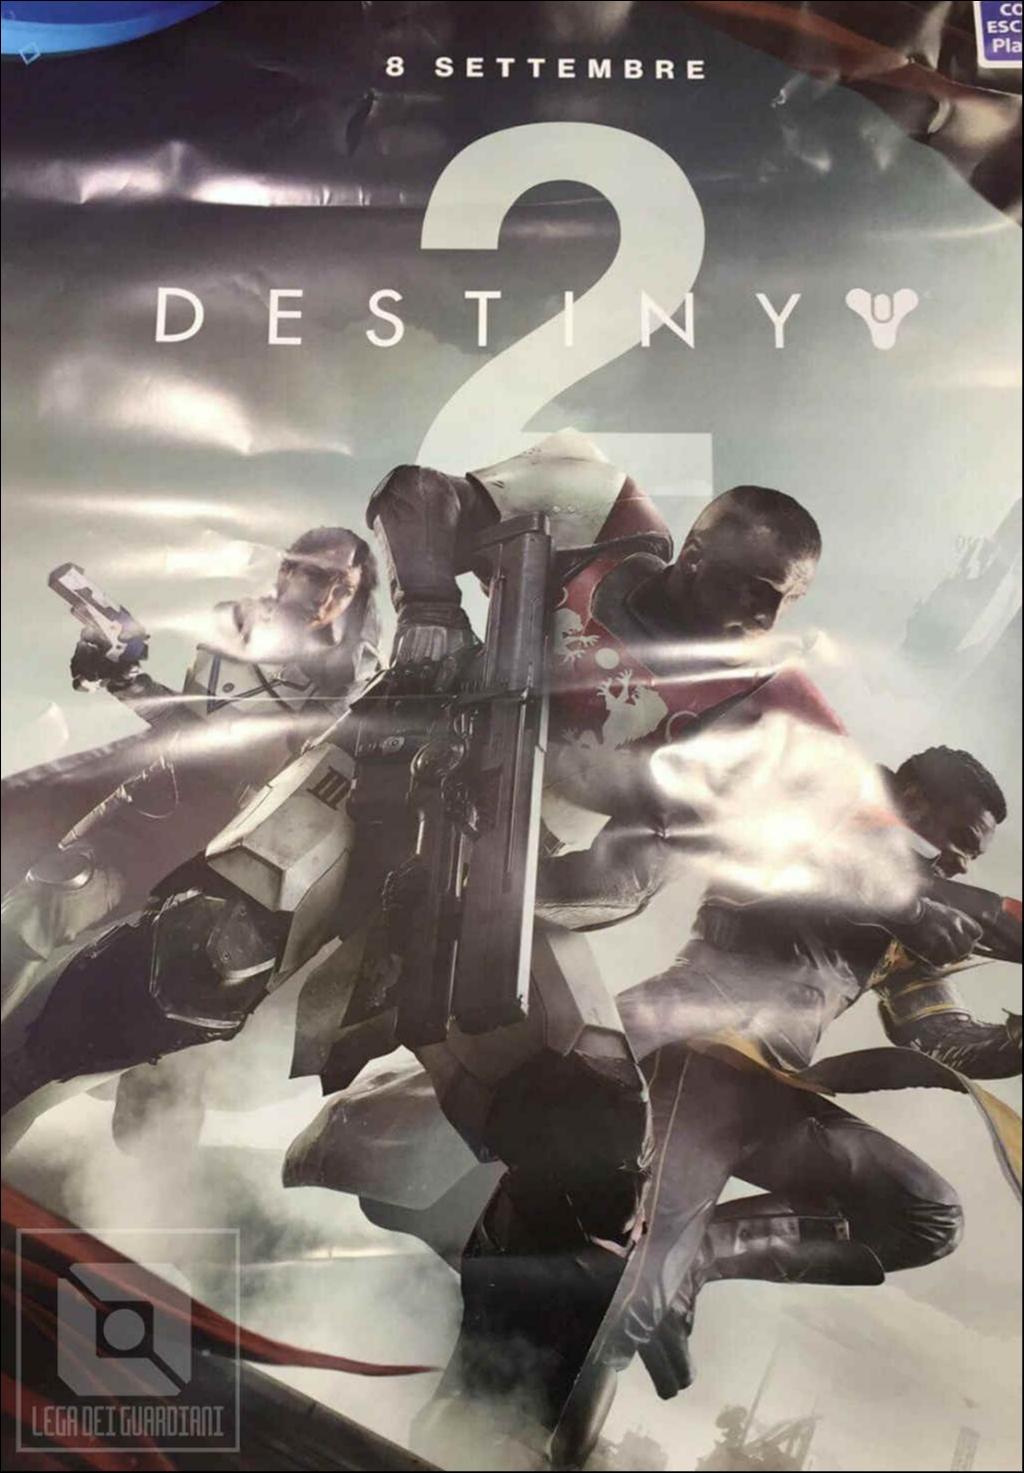 destiny-2-release-date-leak-2-1-1490297291.jpg